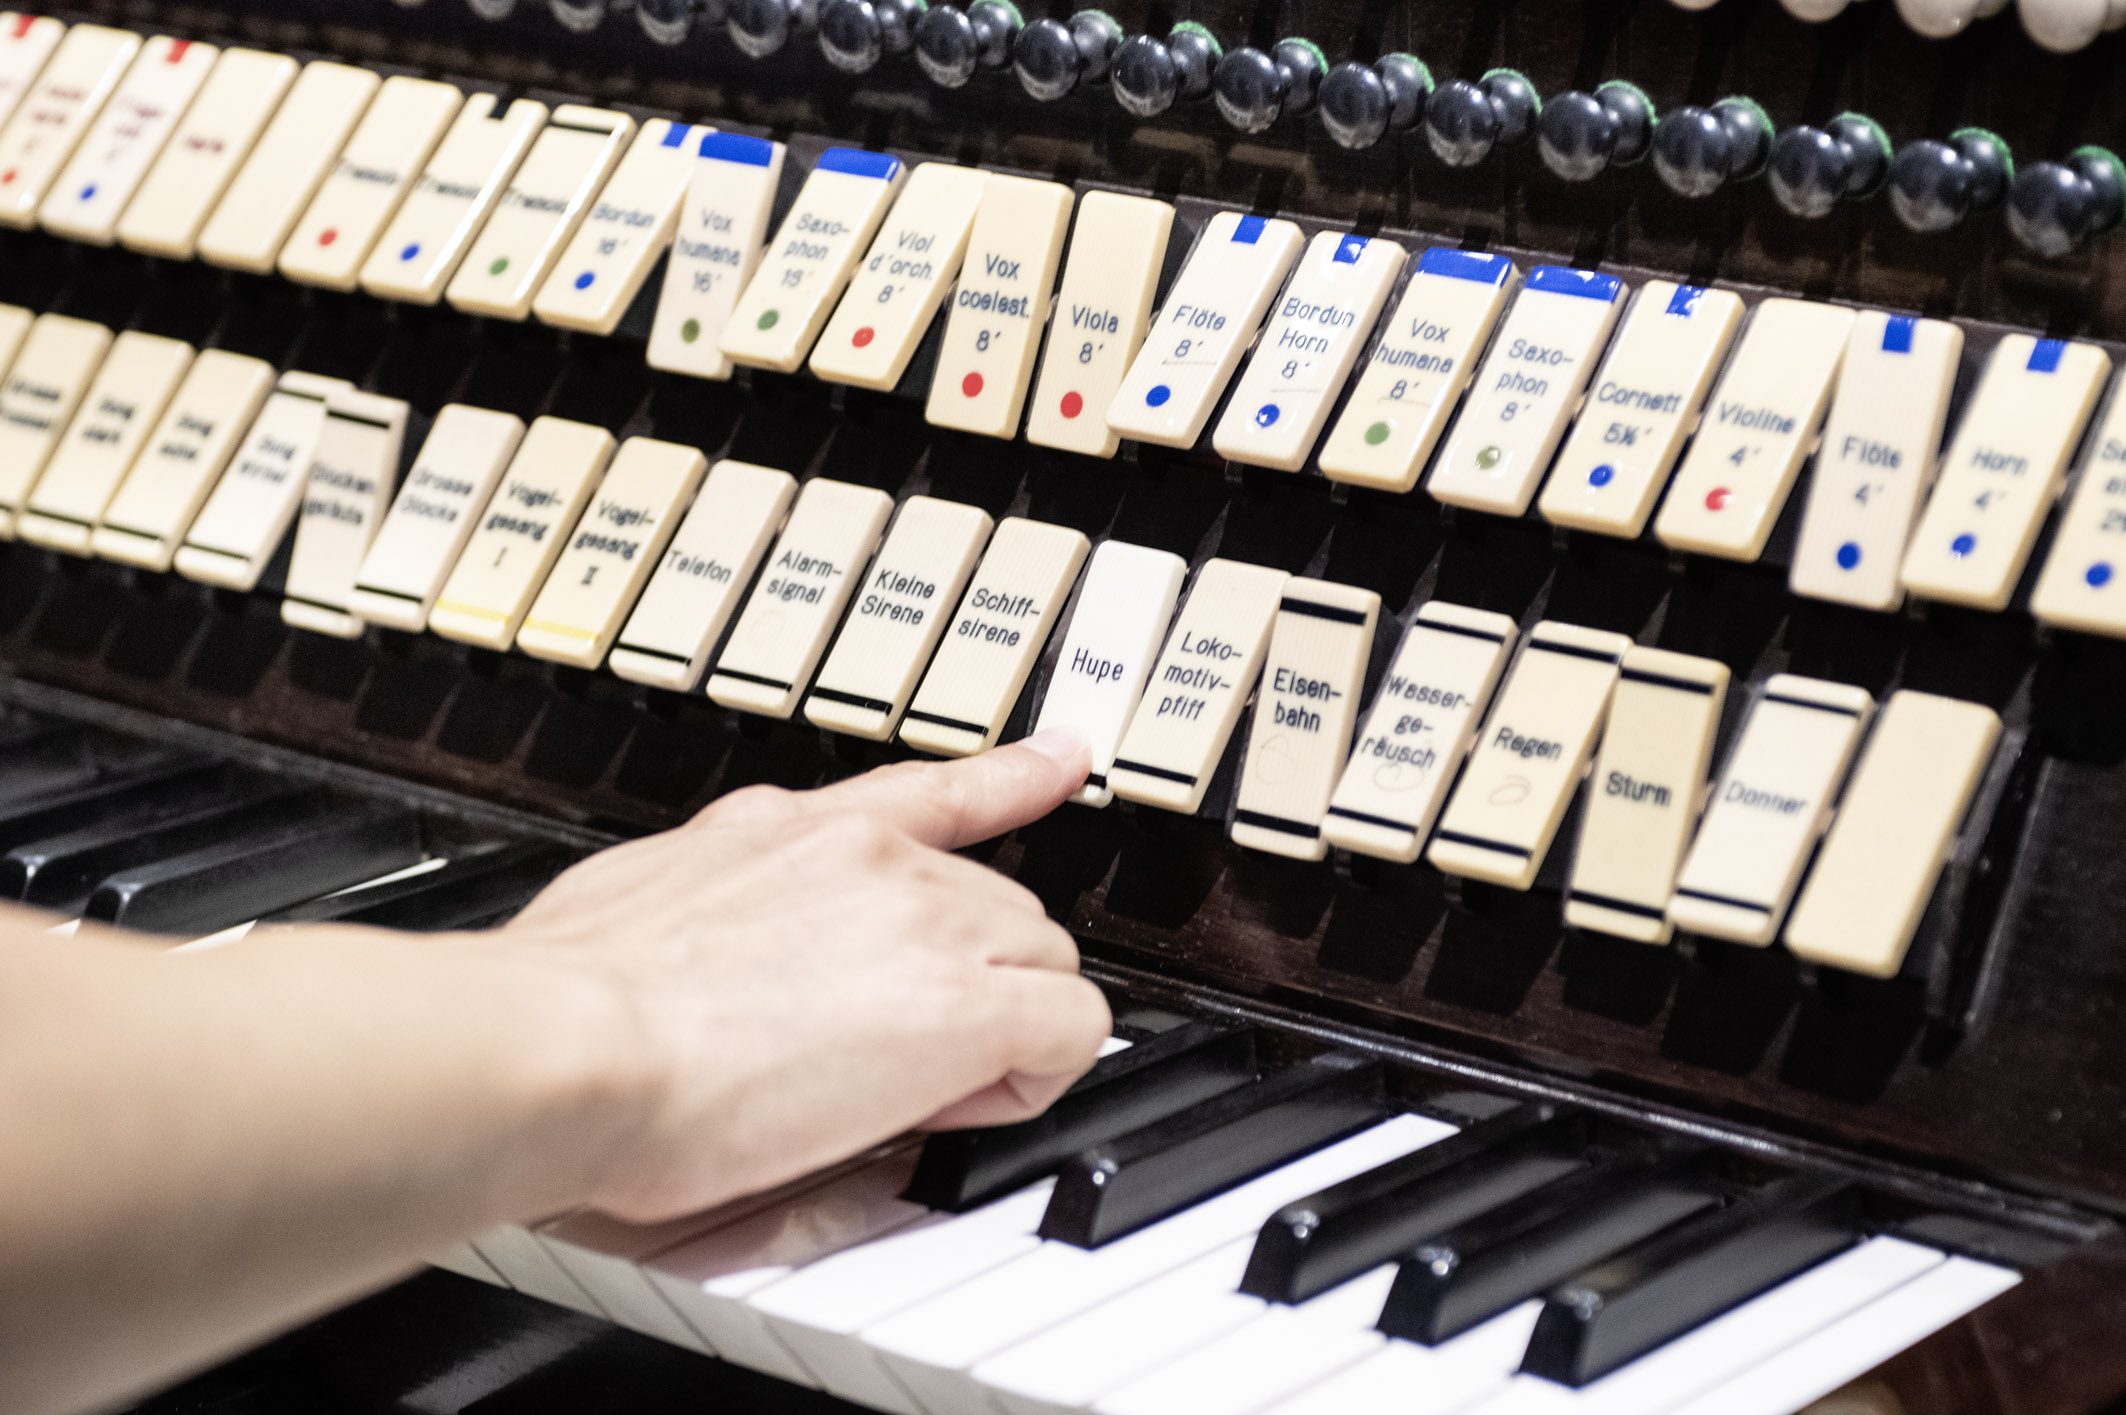 Spieltisch der Kino-Orgel